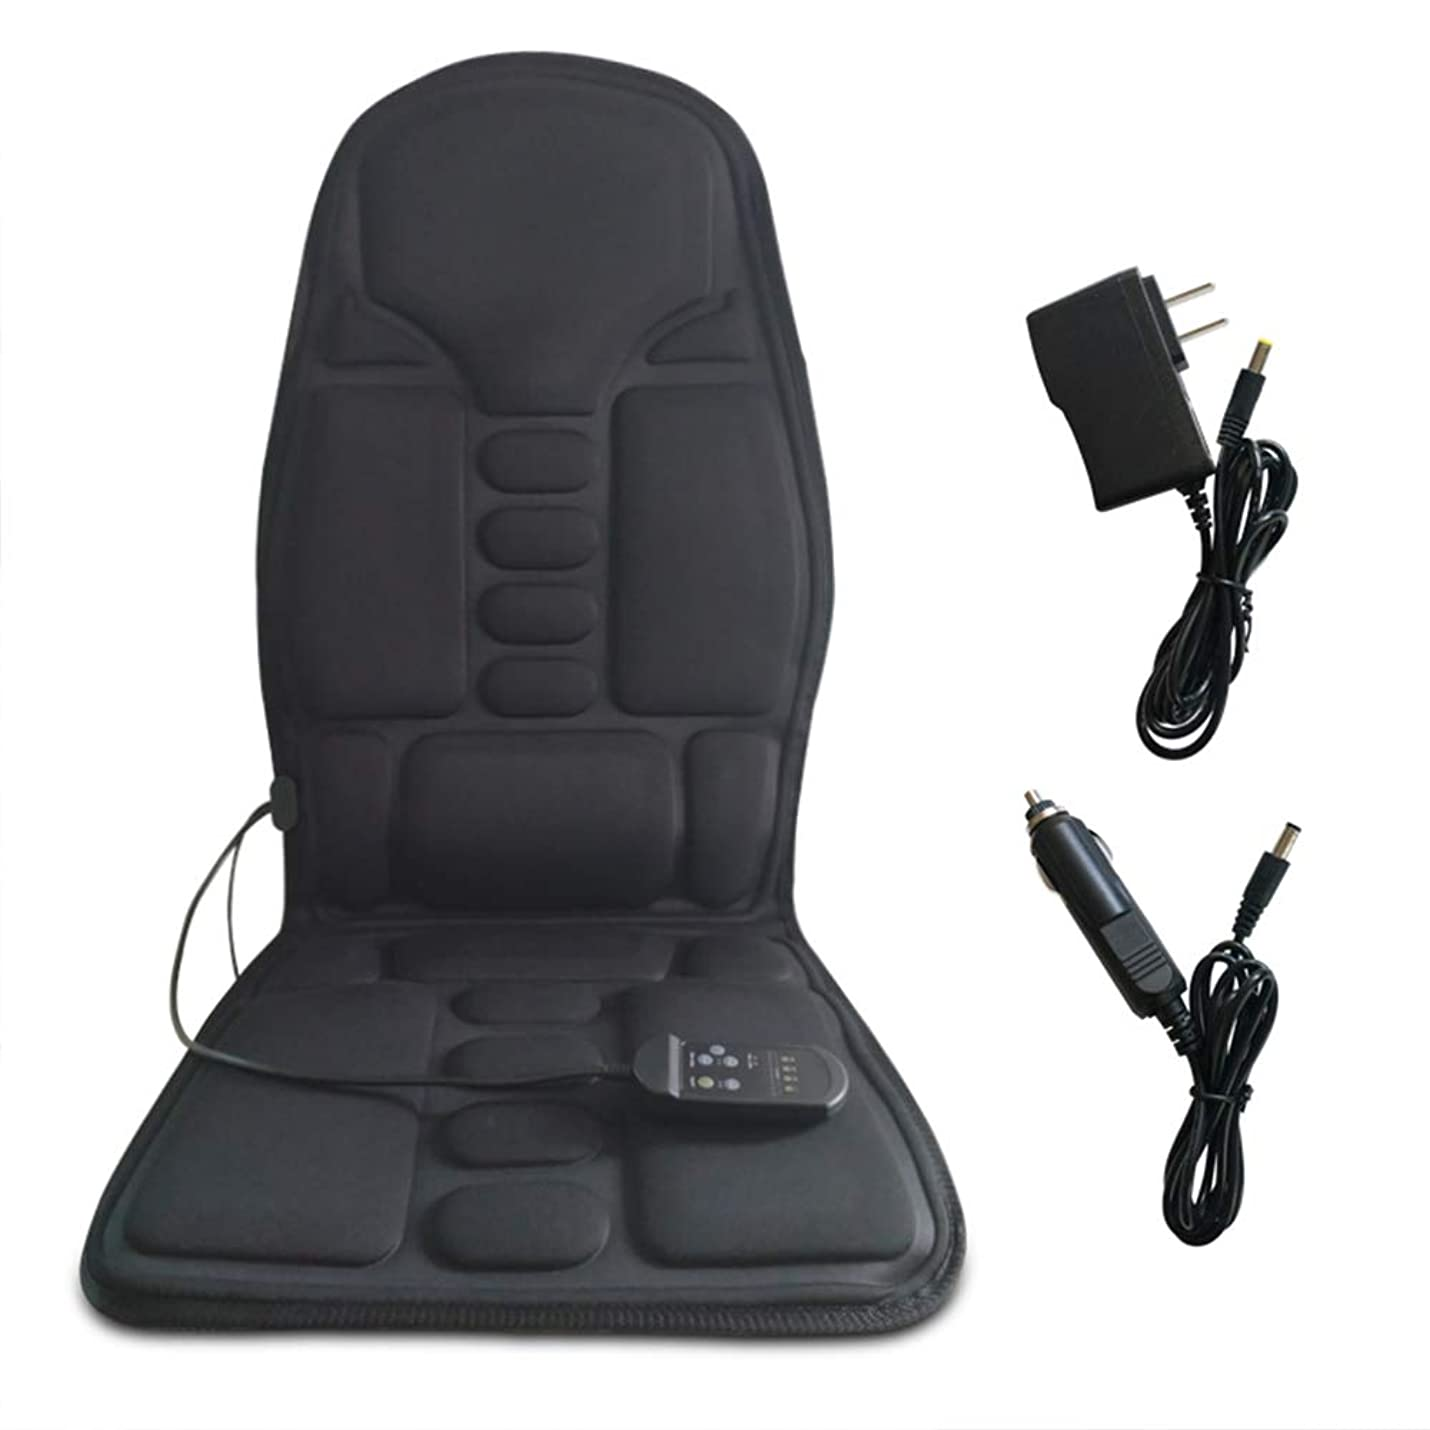 うんピン薄汚い携帯用電動マッサージシートクッション - 7つのモーター振動及び4つのモード3速度、ショルダーネックとバックウエストヒップ、全身の痛みの筋肉の軽減ホームオフィスのカーシート